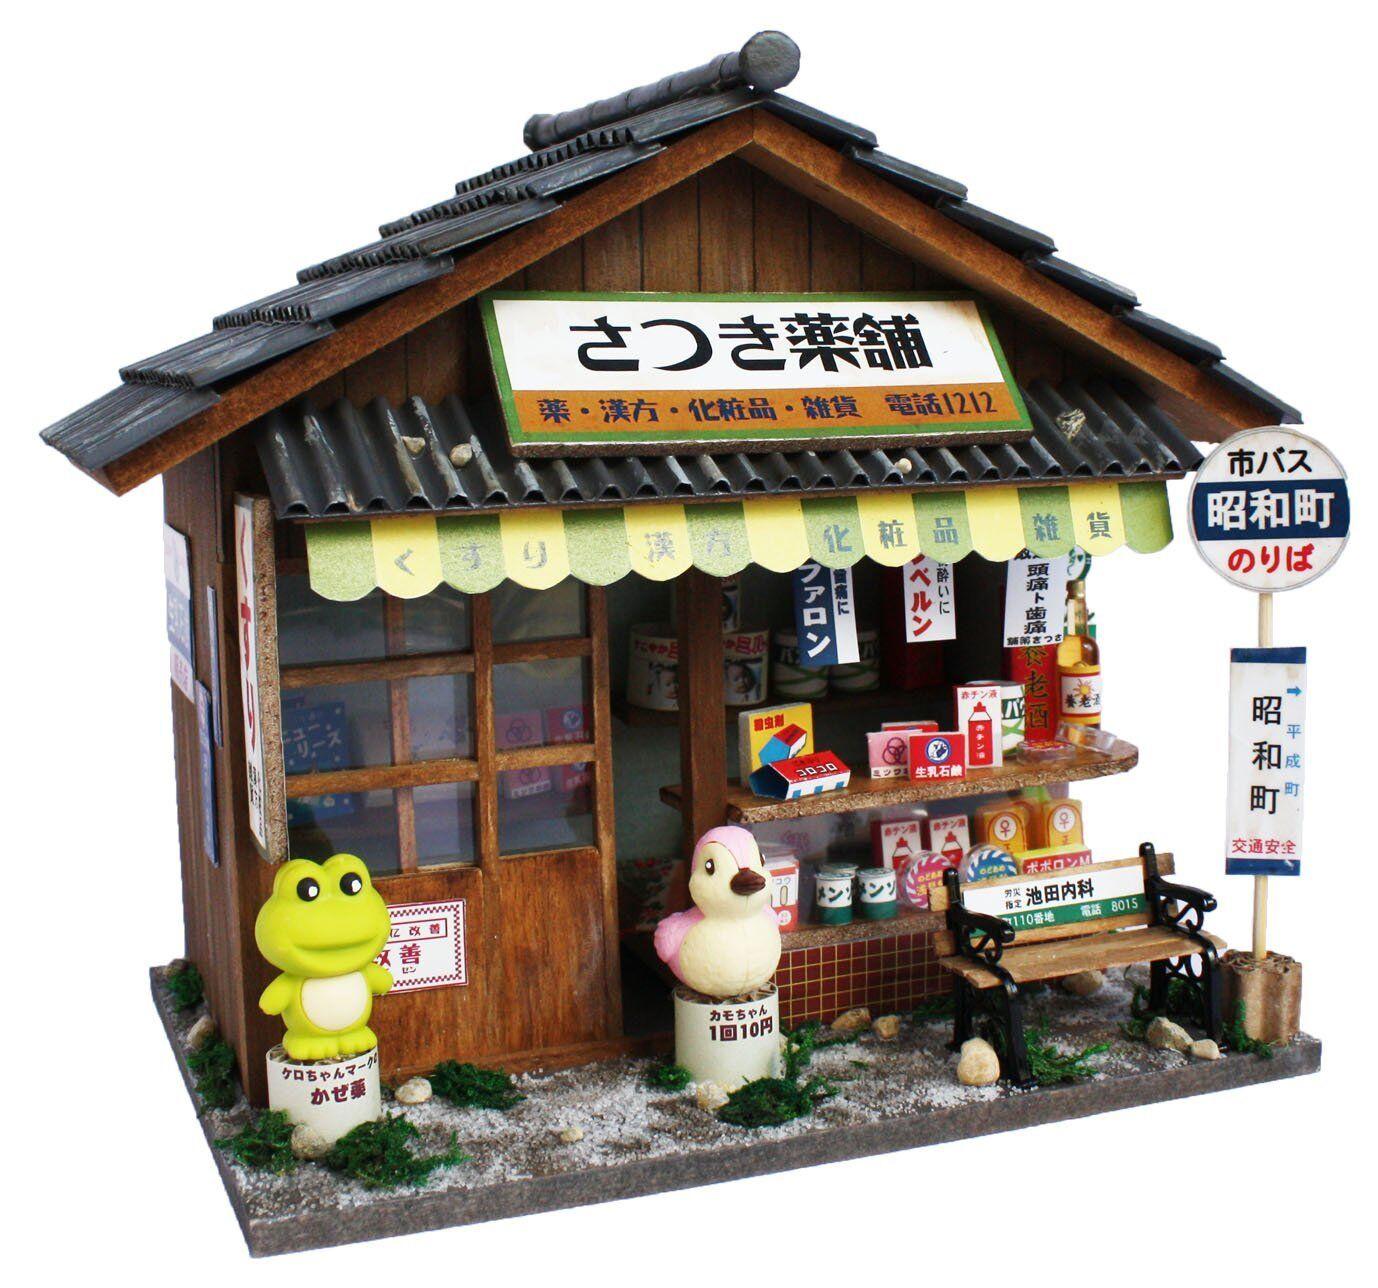 Kit de modelo de muñeca casa miniatura figura Artesanía medicina japonesa tienda Billy